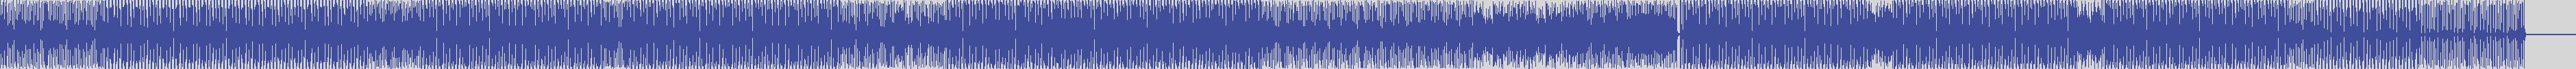 bunny_clan [BYC064] Kenny Bizzarro - Disc8 [Club Mix] audio wave form